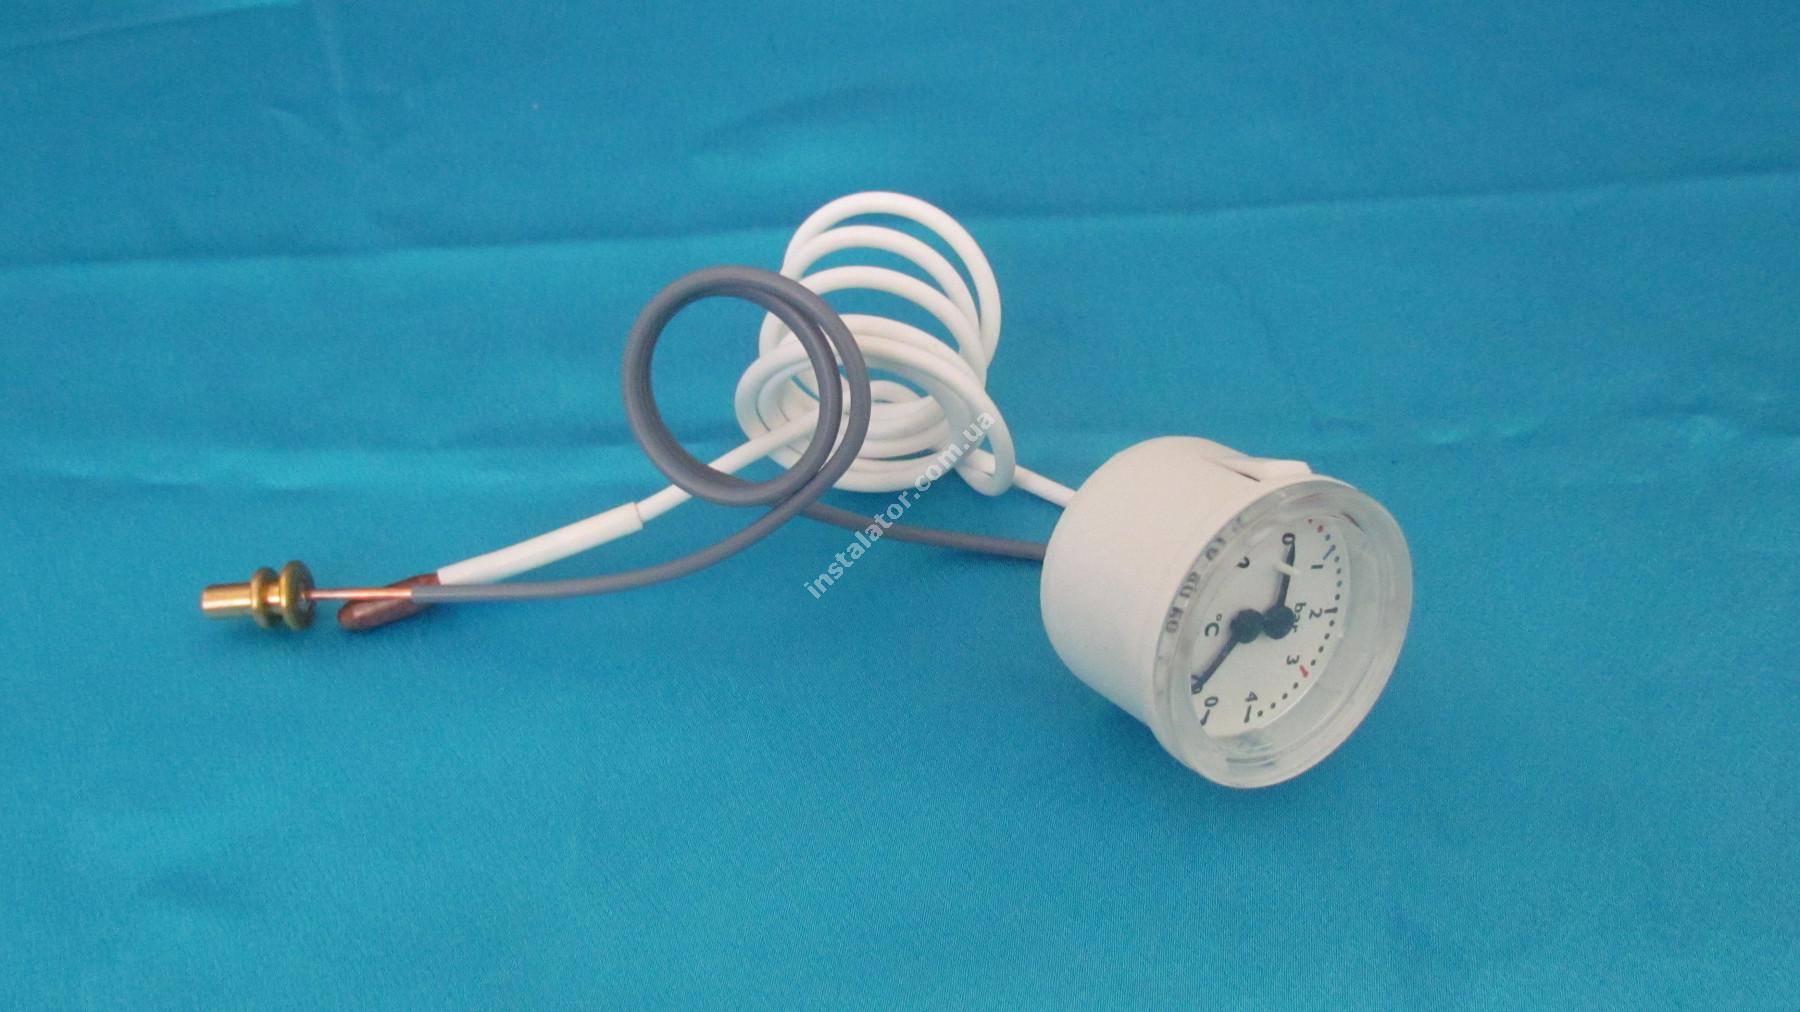 65100757 Термоманометр  ARISTON Uno  full-image-1